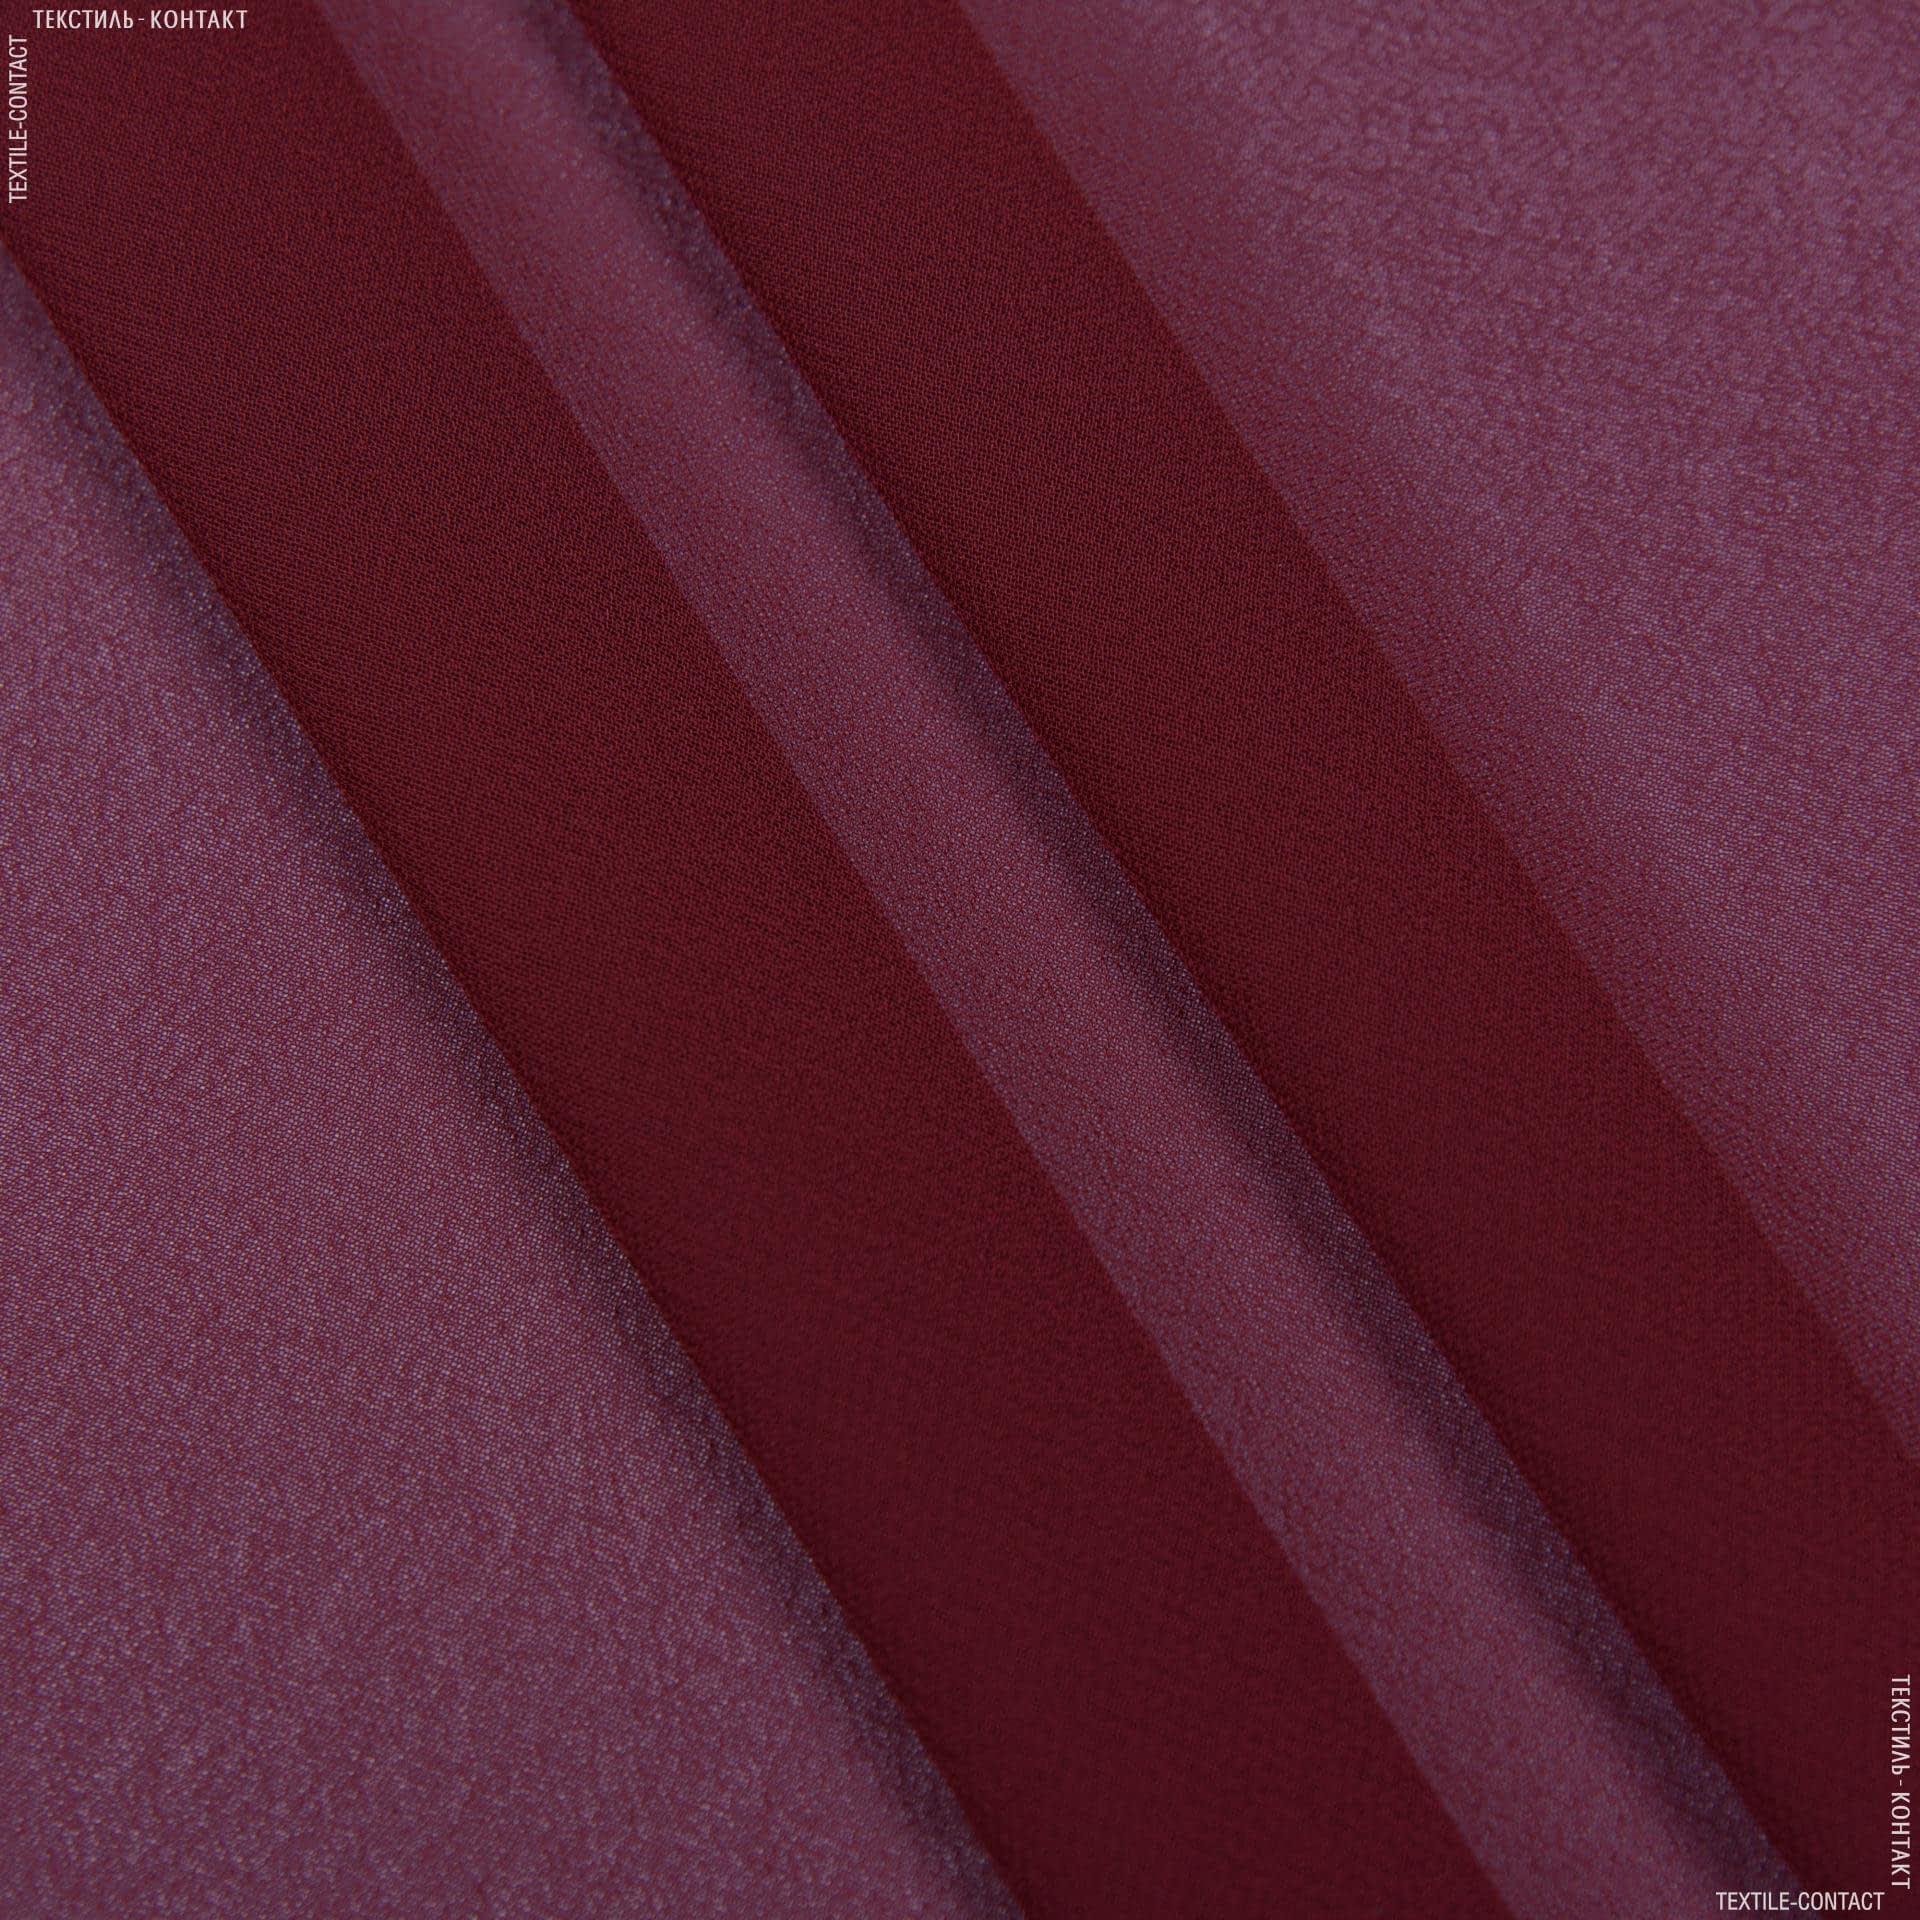 Ткани для платков и бандан - Шифон мульти бордовый